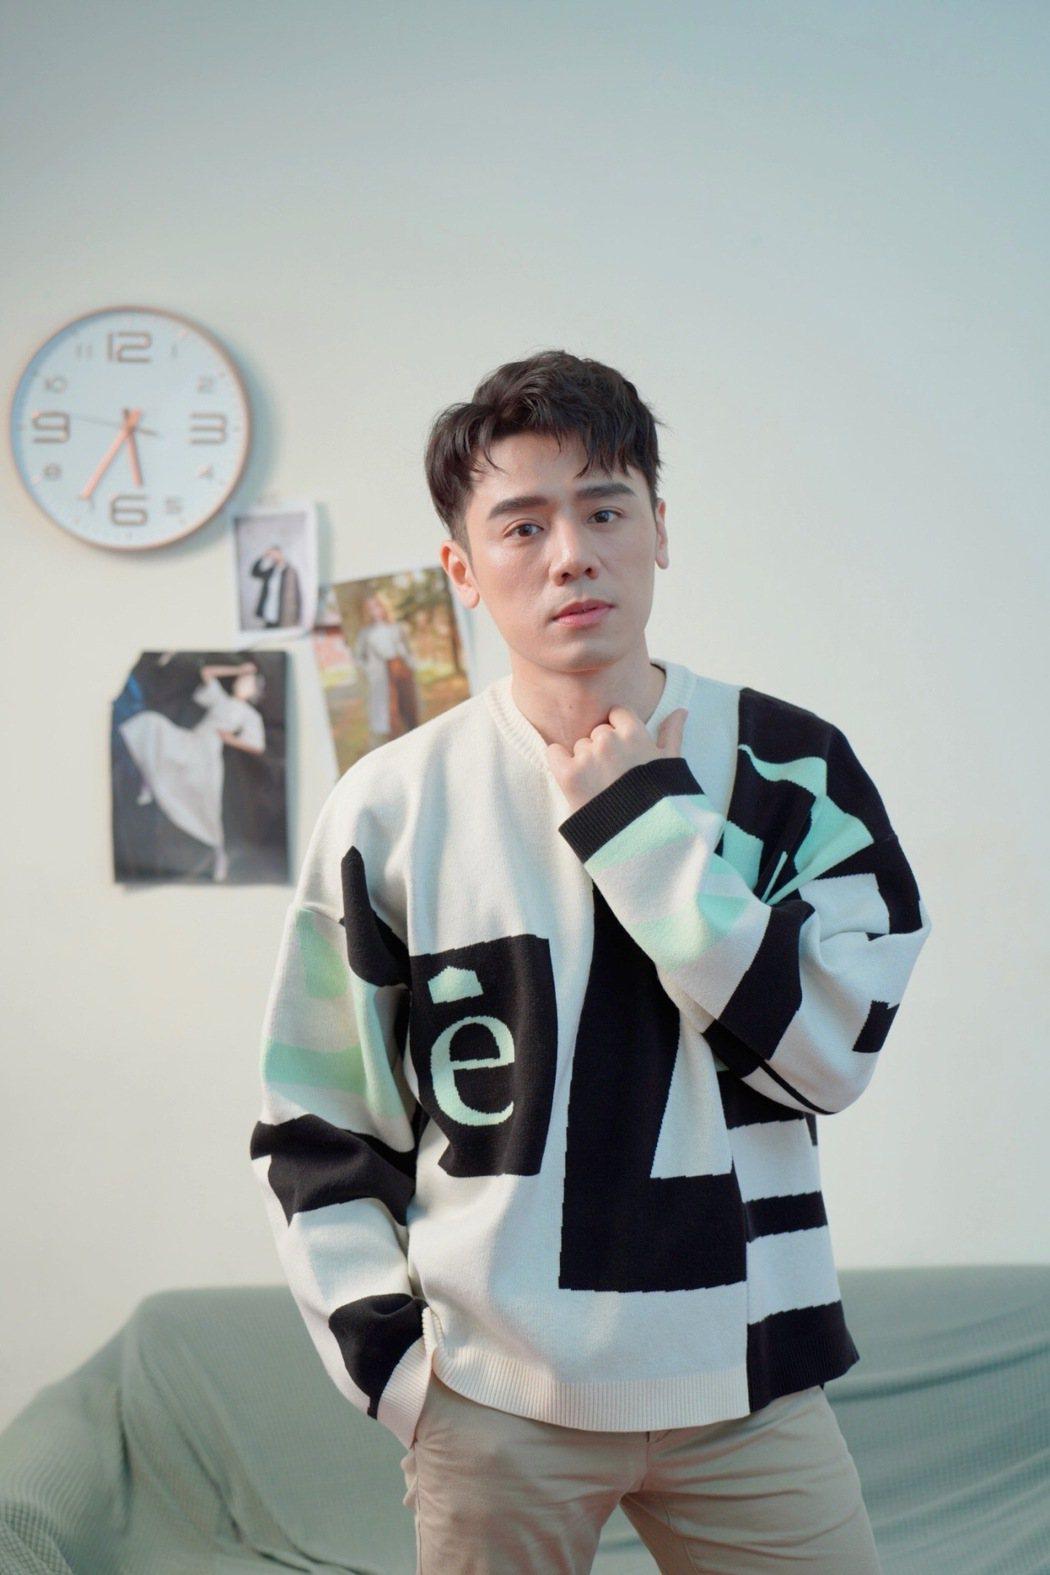 邱志宇演完學霸老師後,自己也錄取碩士班榜首。圖/海鵬提供